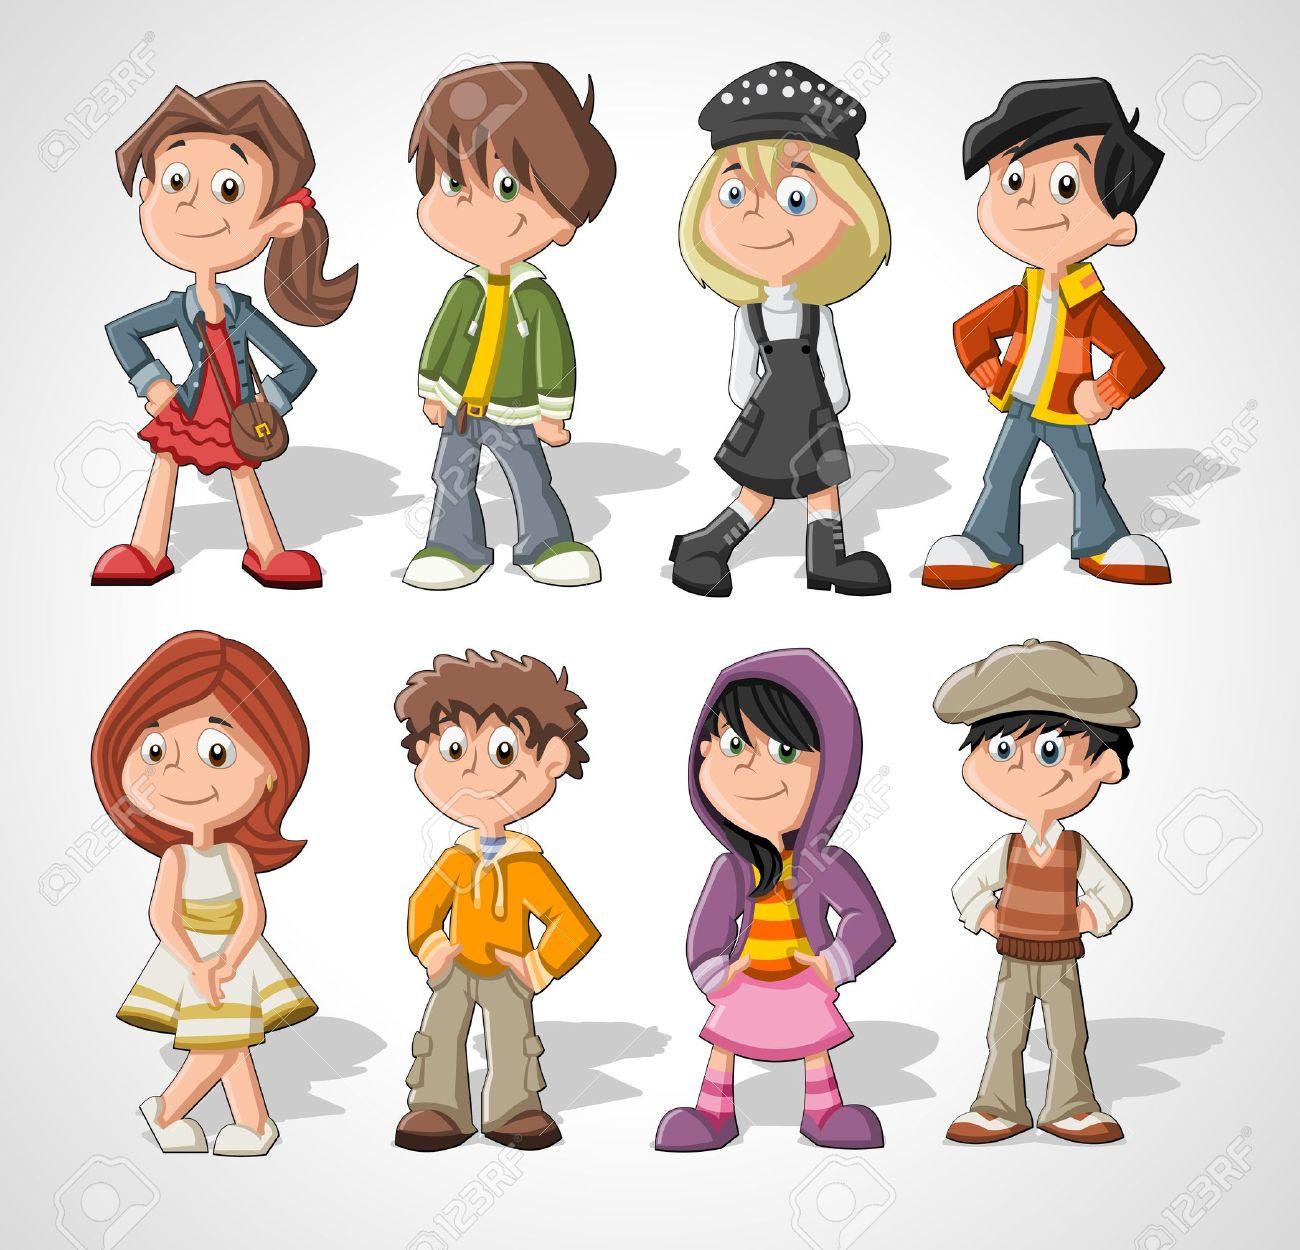 set of 8 cute happy cartoon kids stock vector 16375217 - Cartoon Pictures Of Kids